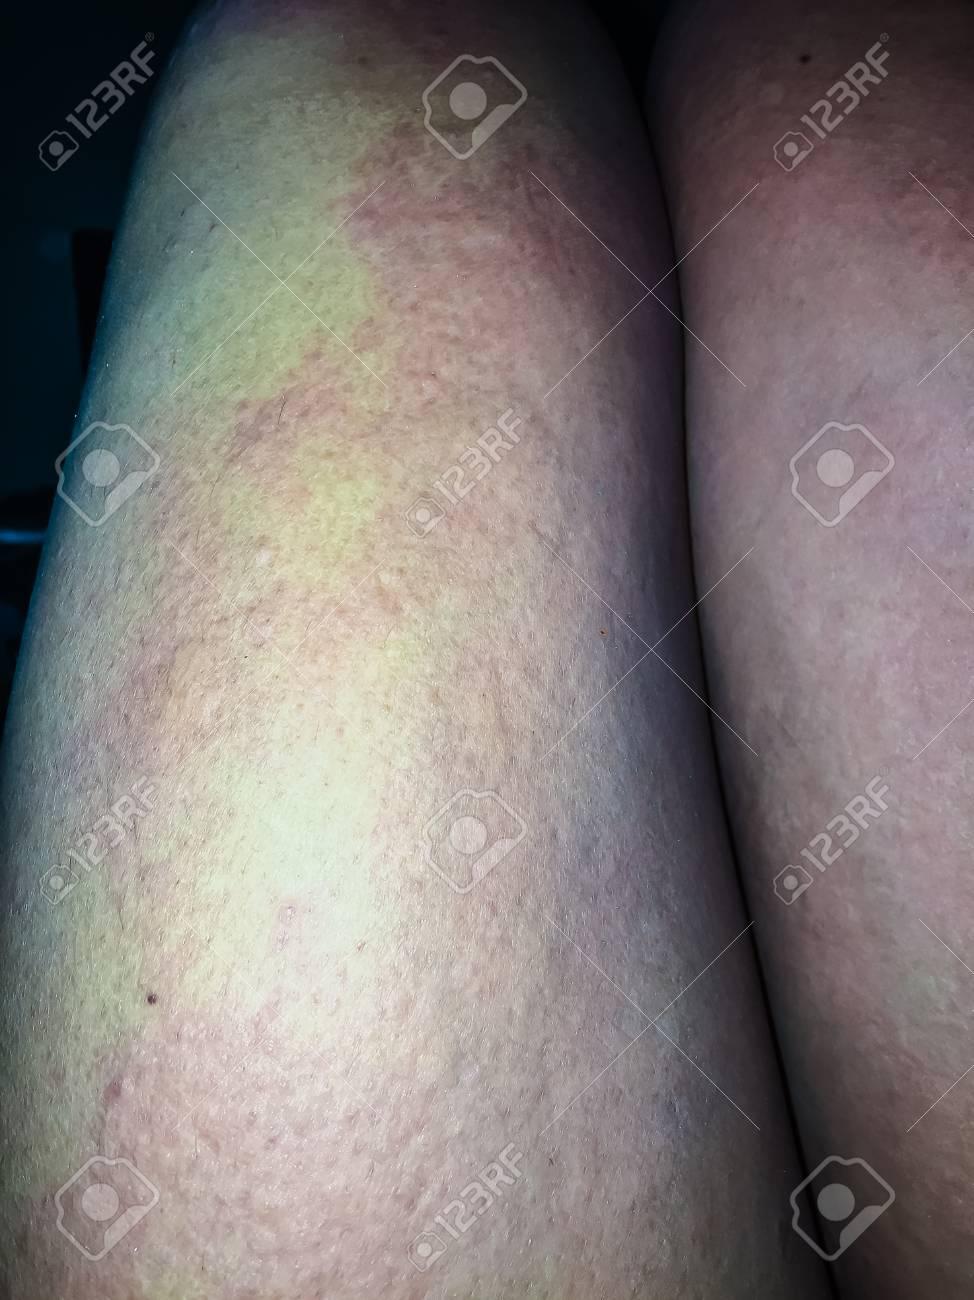 寒冷蕁麻疹 写真